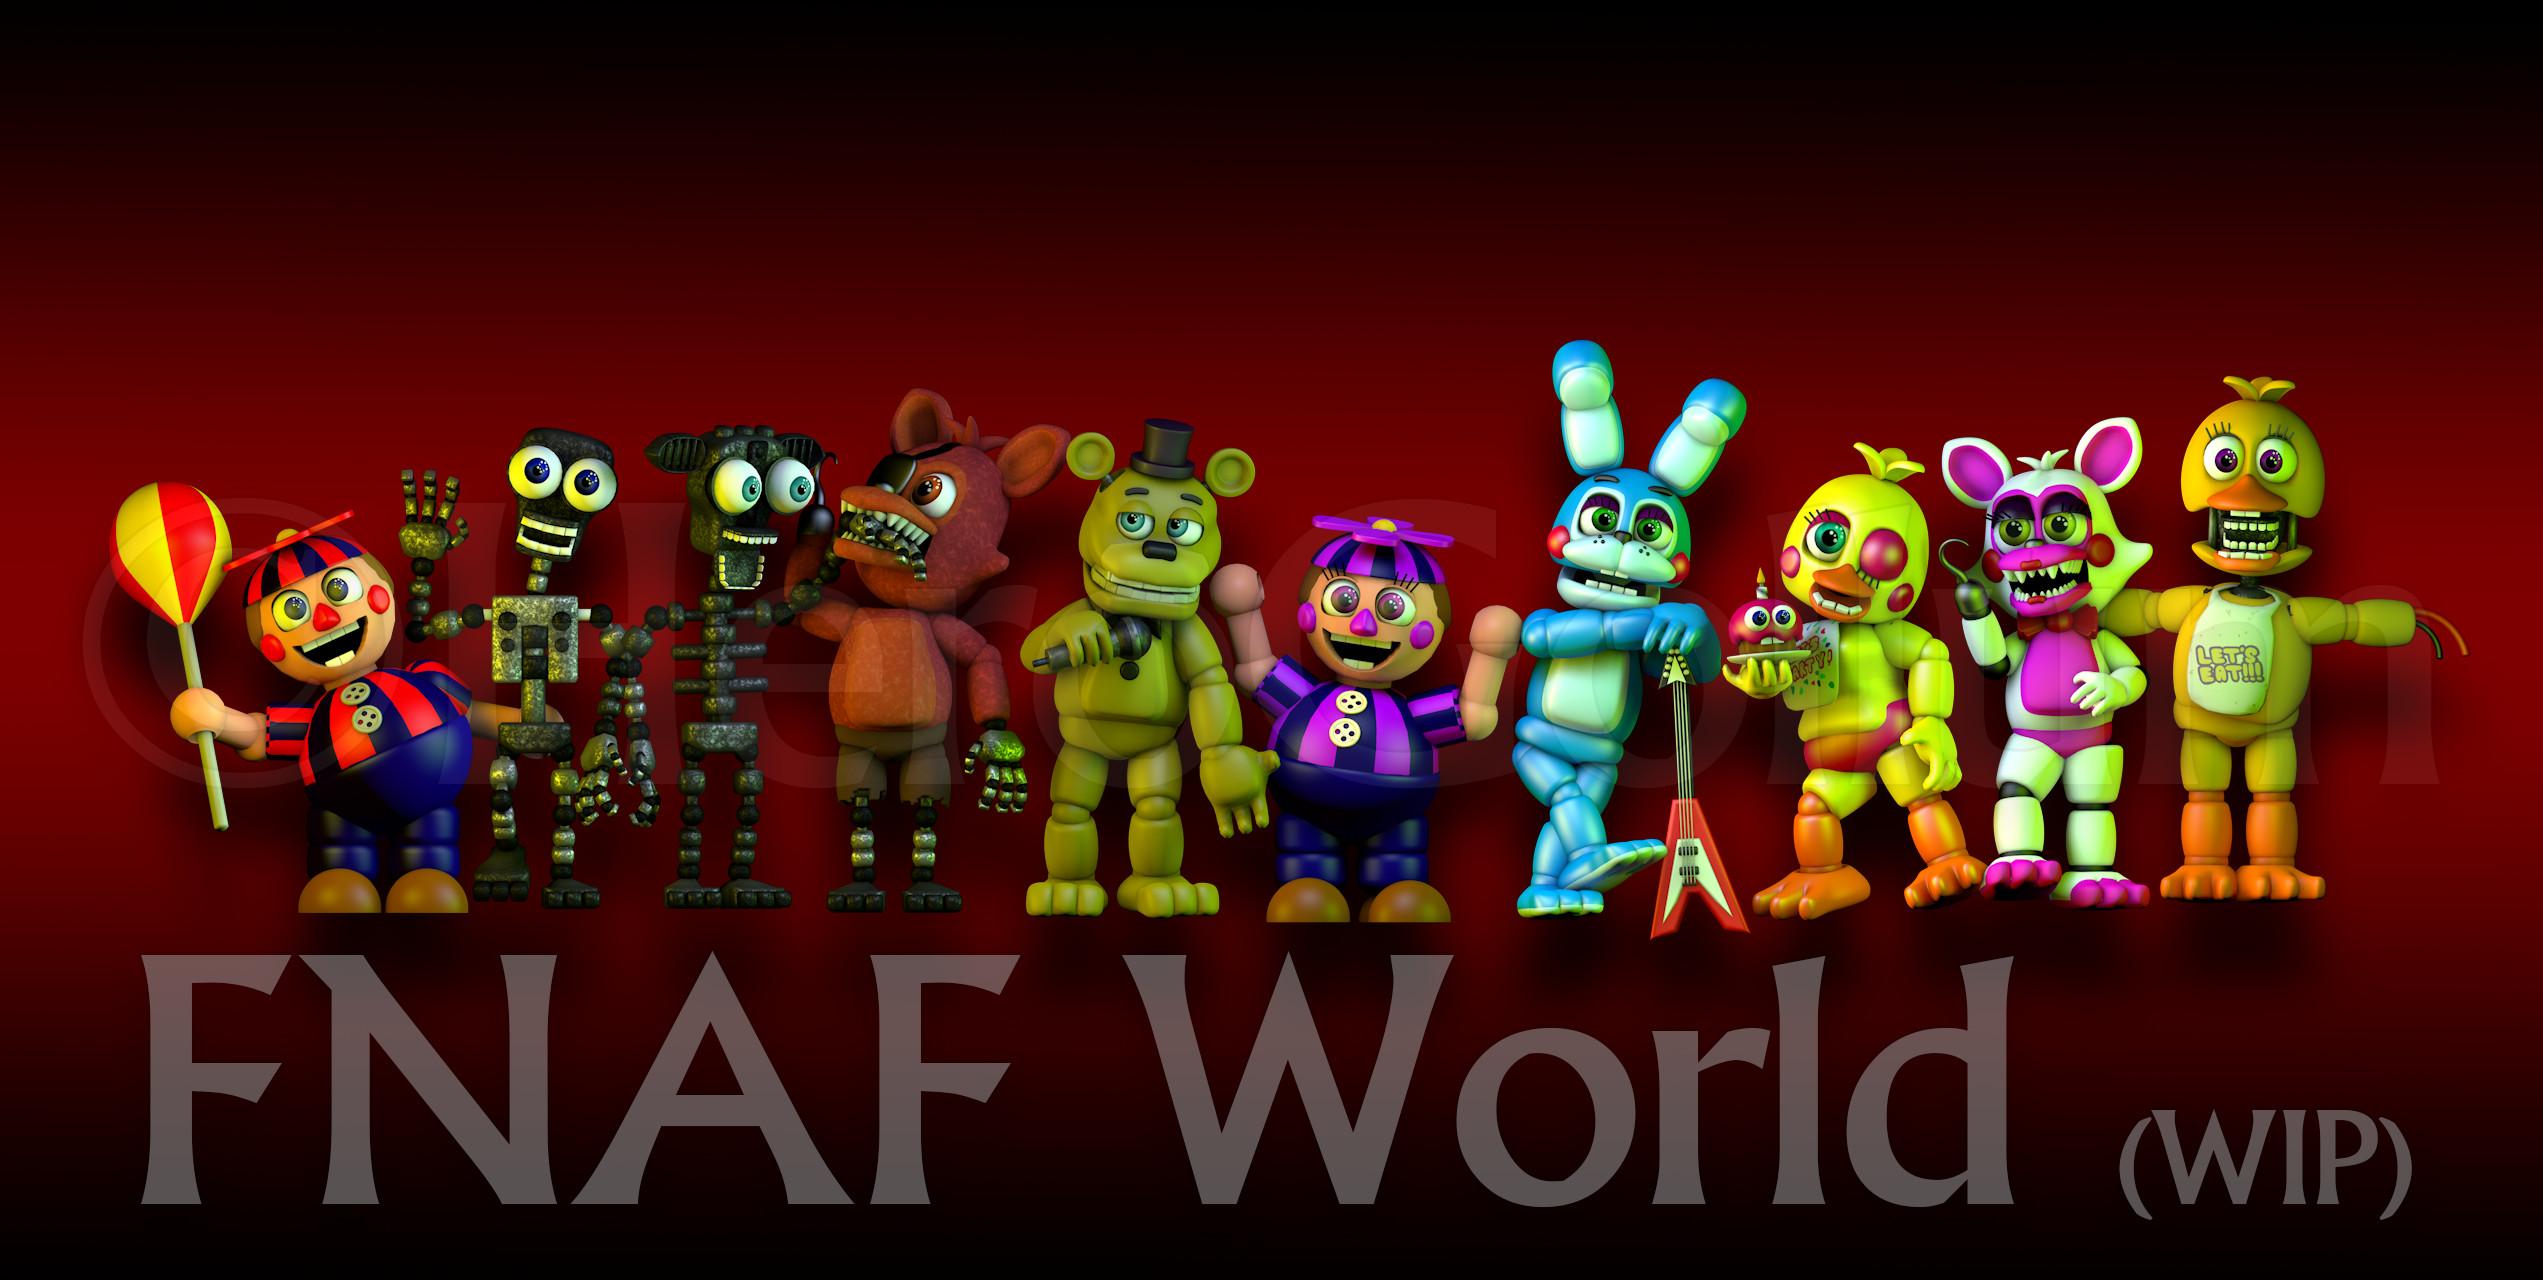 FNAF World Wallpaper for Gadgets